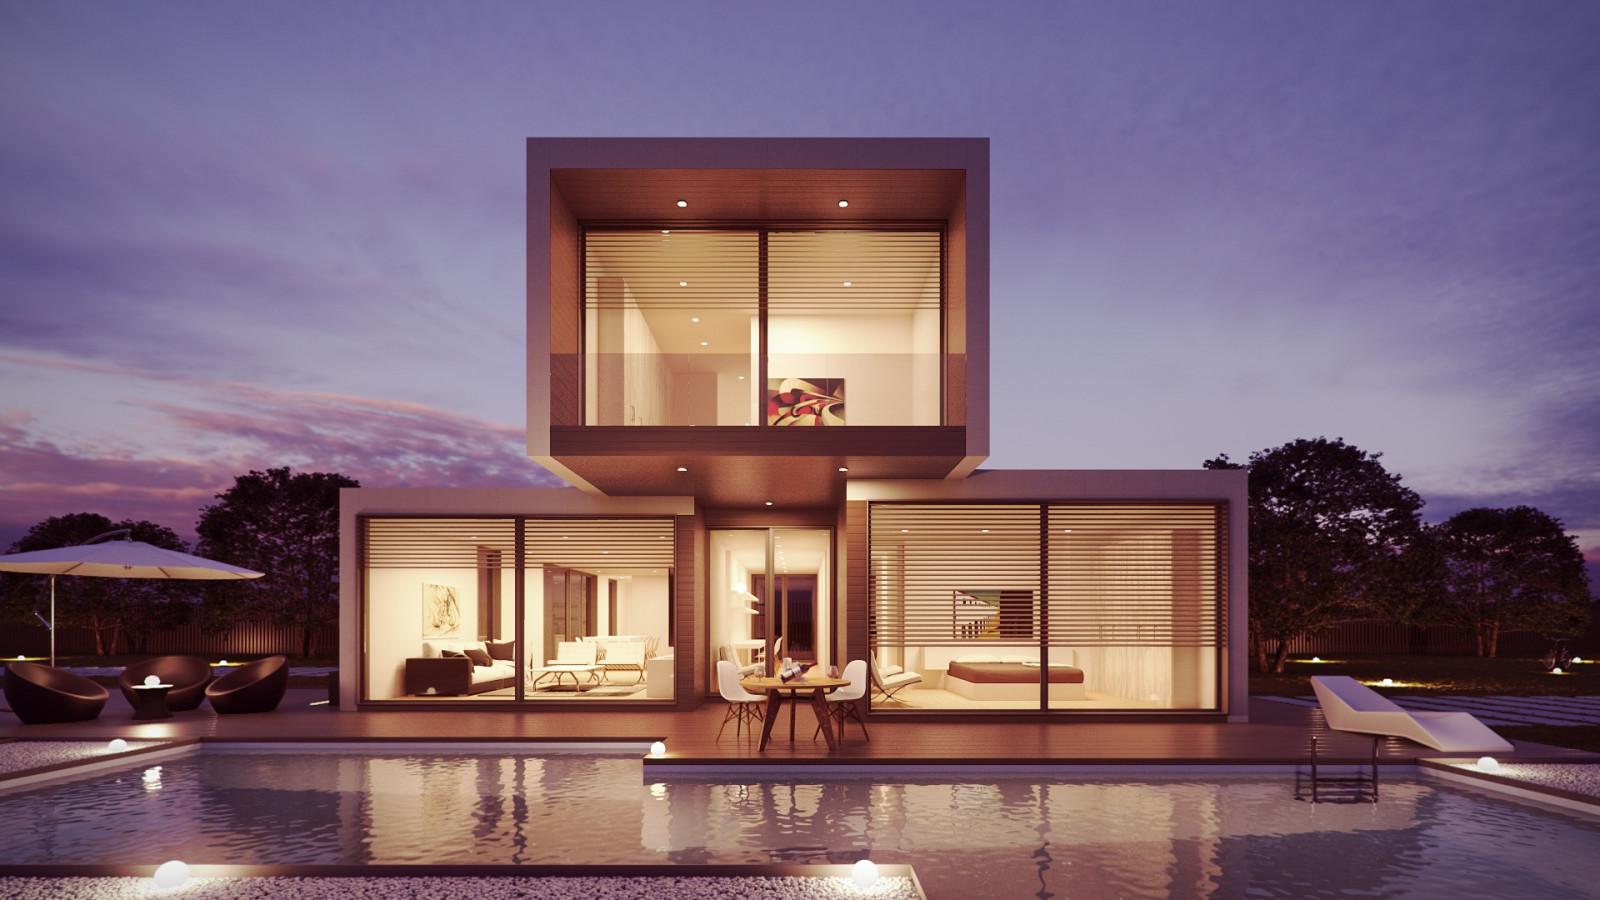 Architecture intérieur maison moderne design dintérieur biens éclairage conception maison piscine villa professionnel manoir